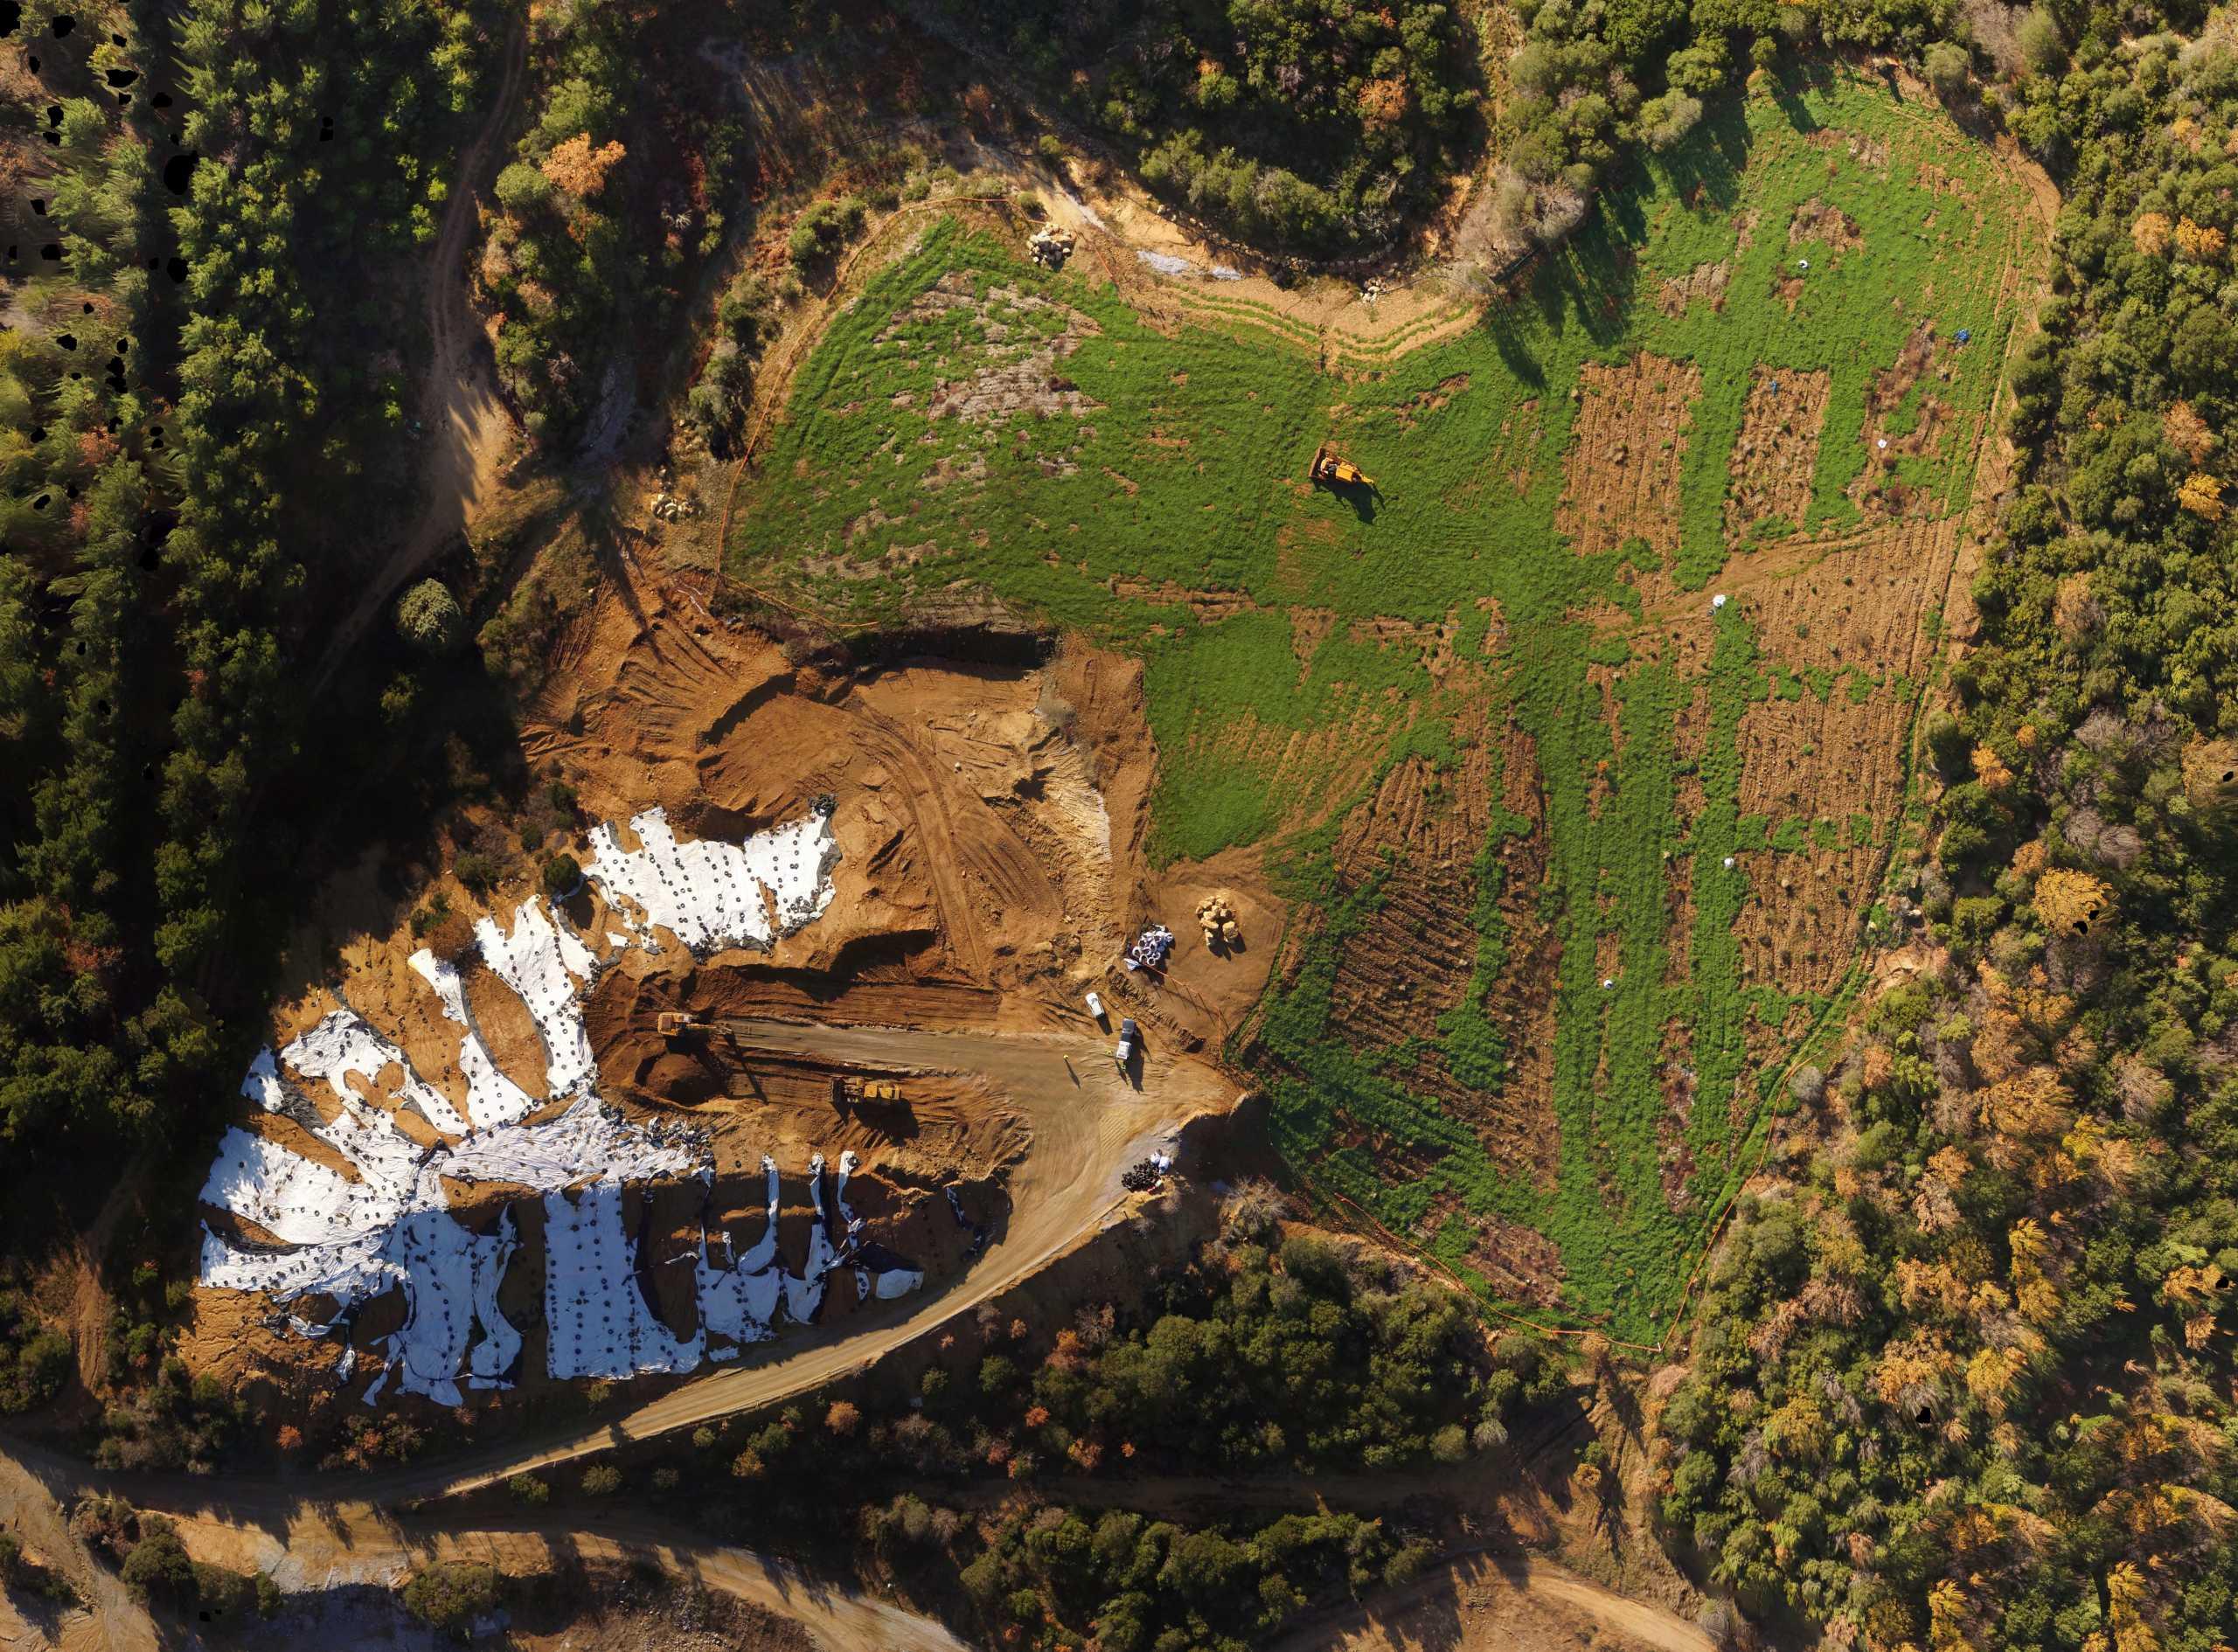 Έκταση 32.000 τ.μ. στην Ολυμπιάδα Χαλκιδικής πρασίνισε μετά από εκτεταμένα έργα αποκατάστασης από την Ελληνικός Χρυσός